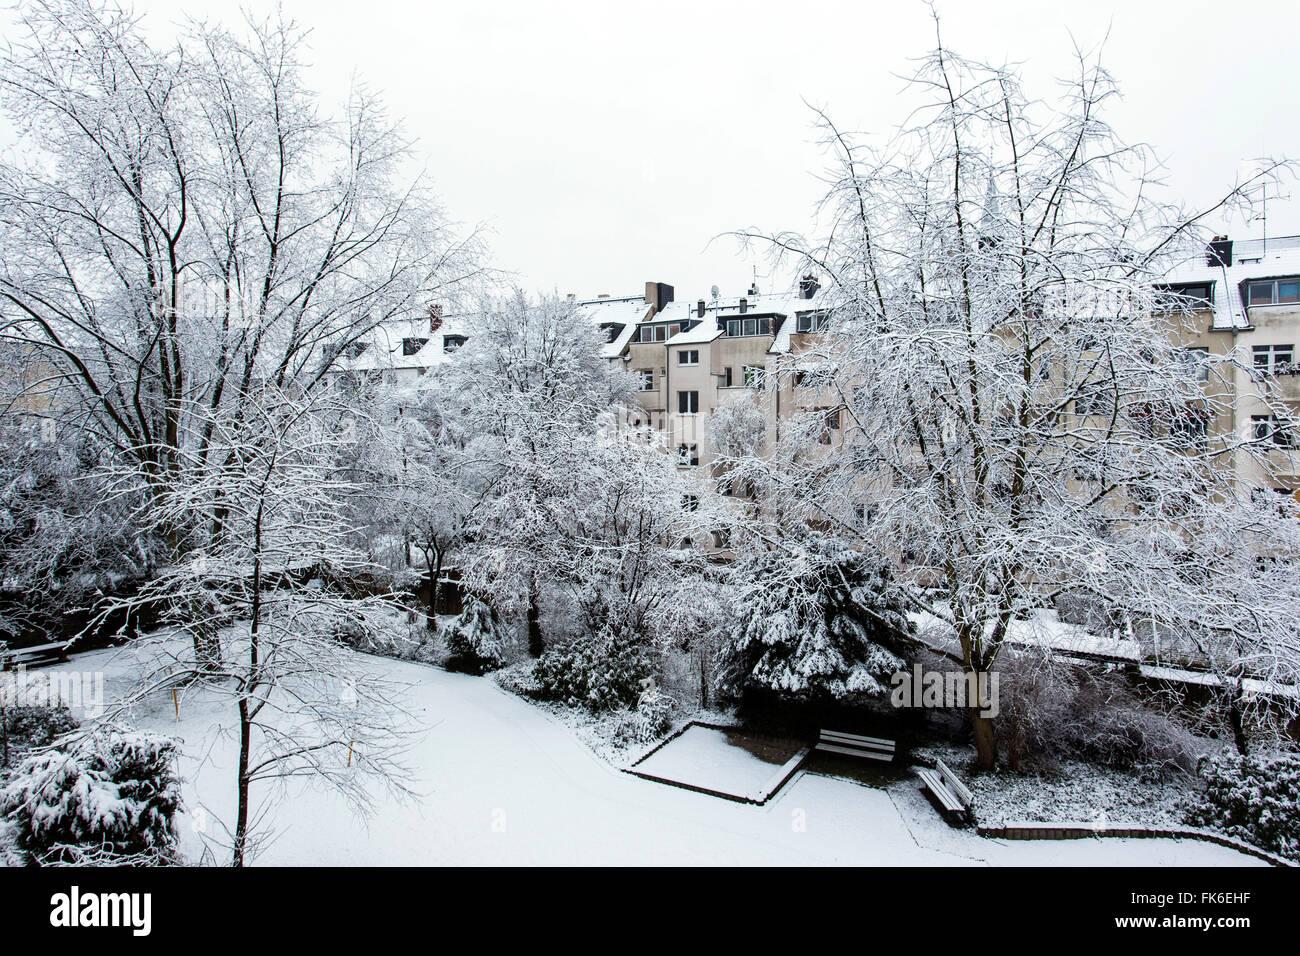 Schnee Landschaft In Einem Hinterhof In Düsseldorf, Nordrhein Westfalen,  Deutschland